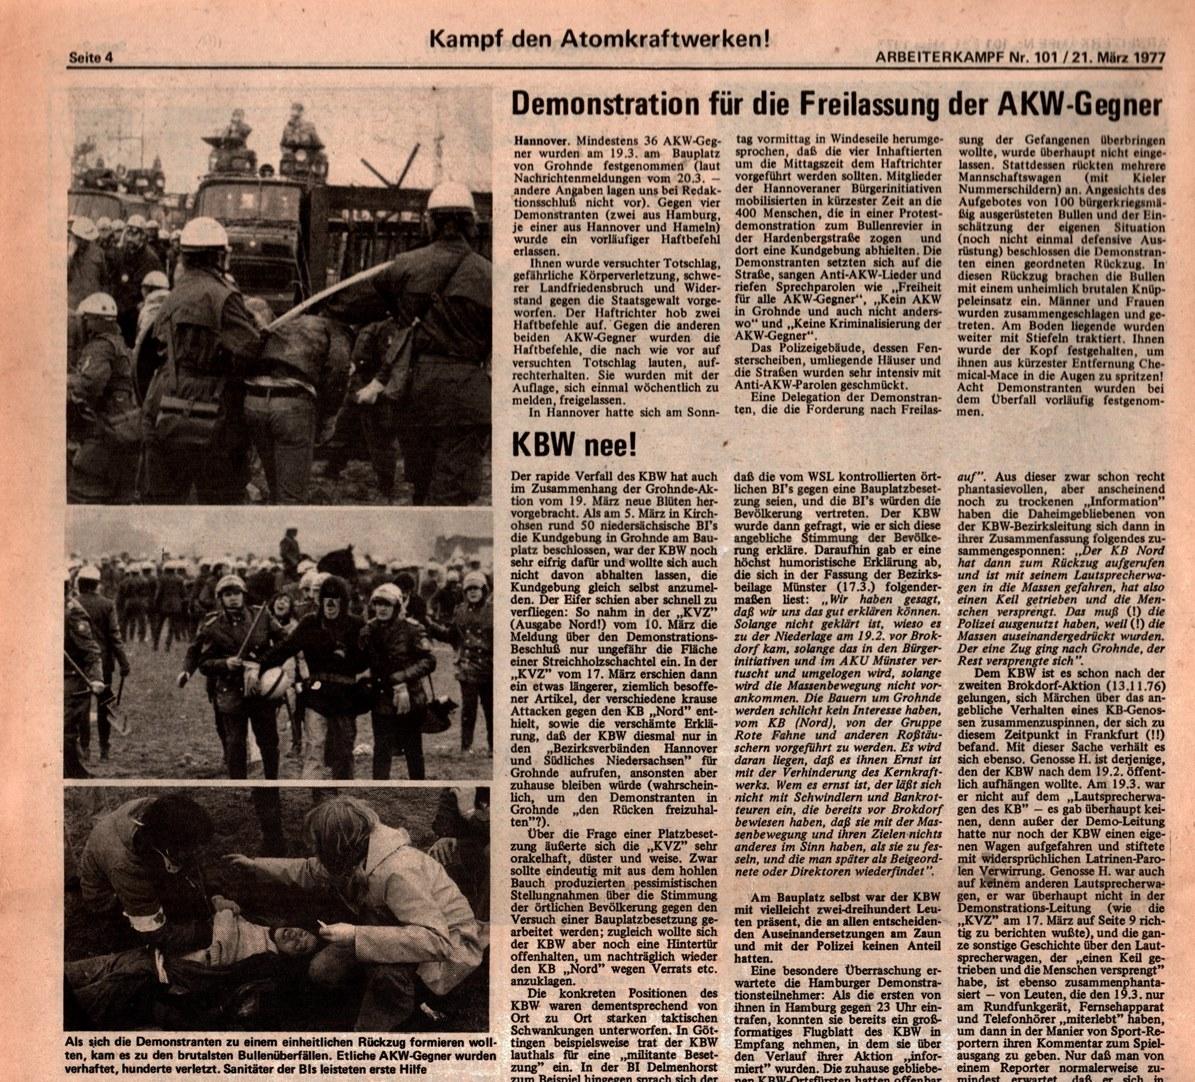 KB_AK_1977_101_007